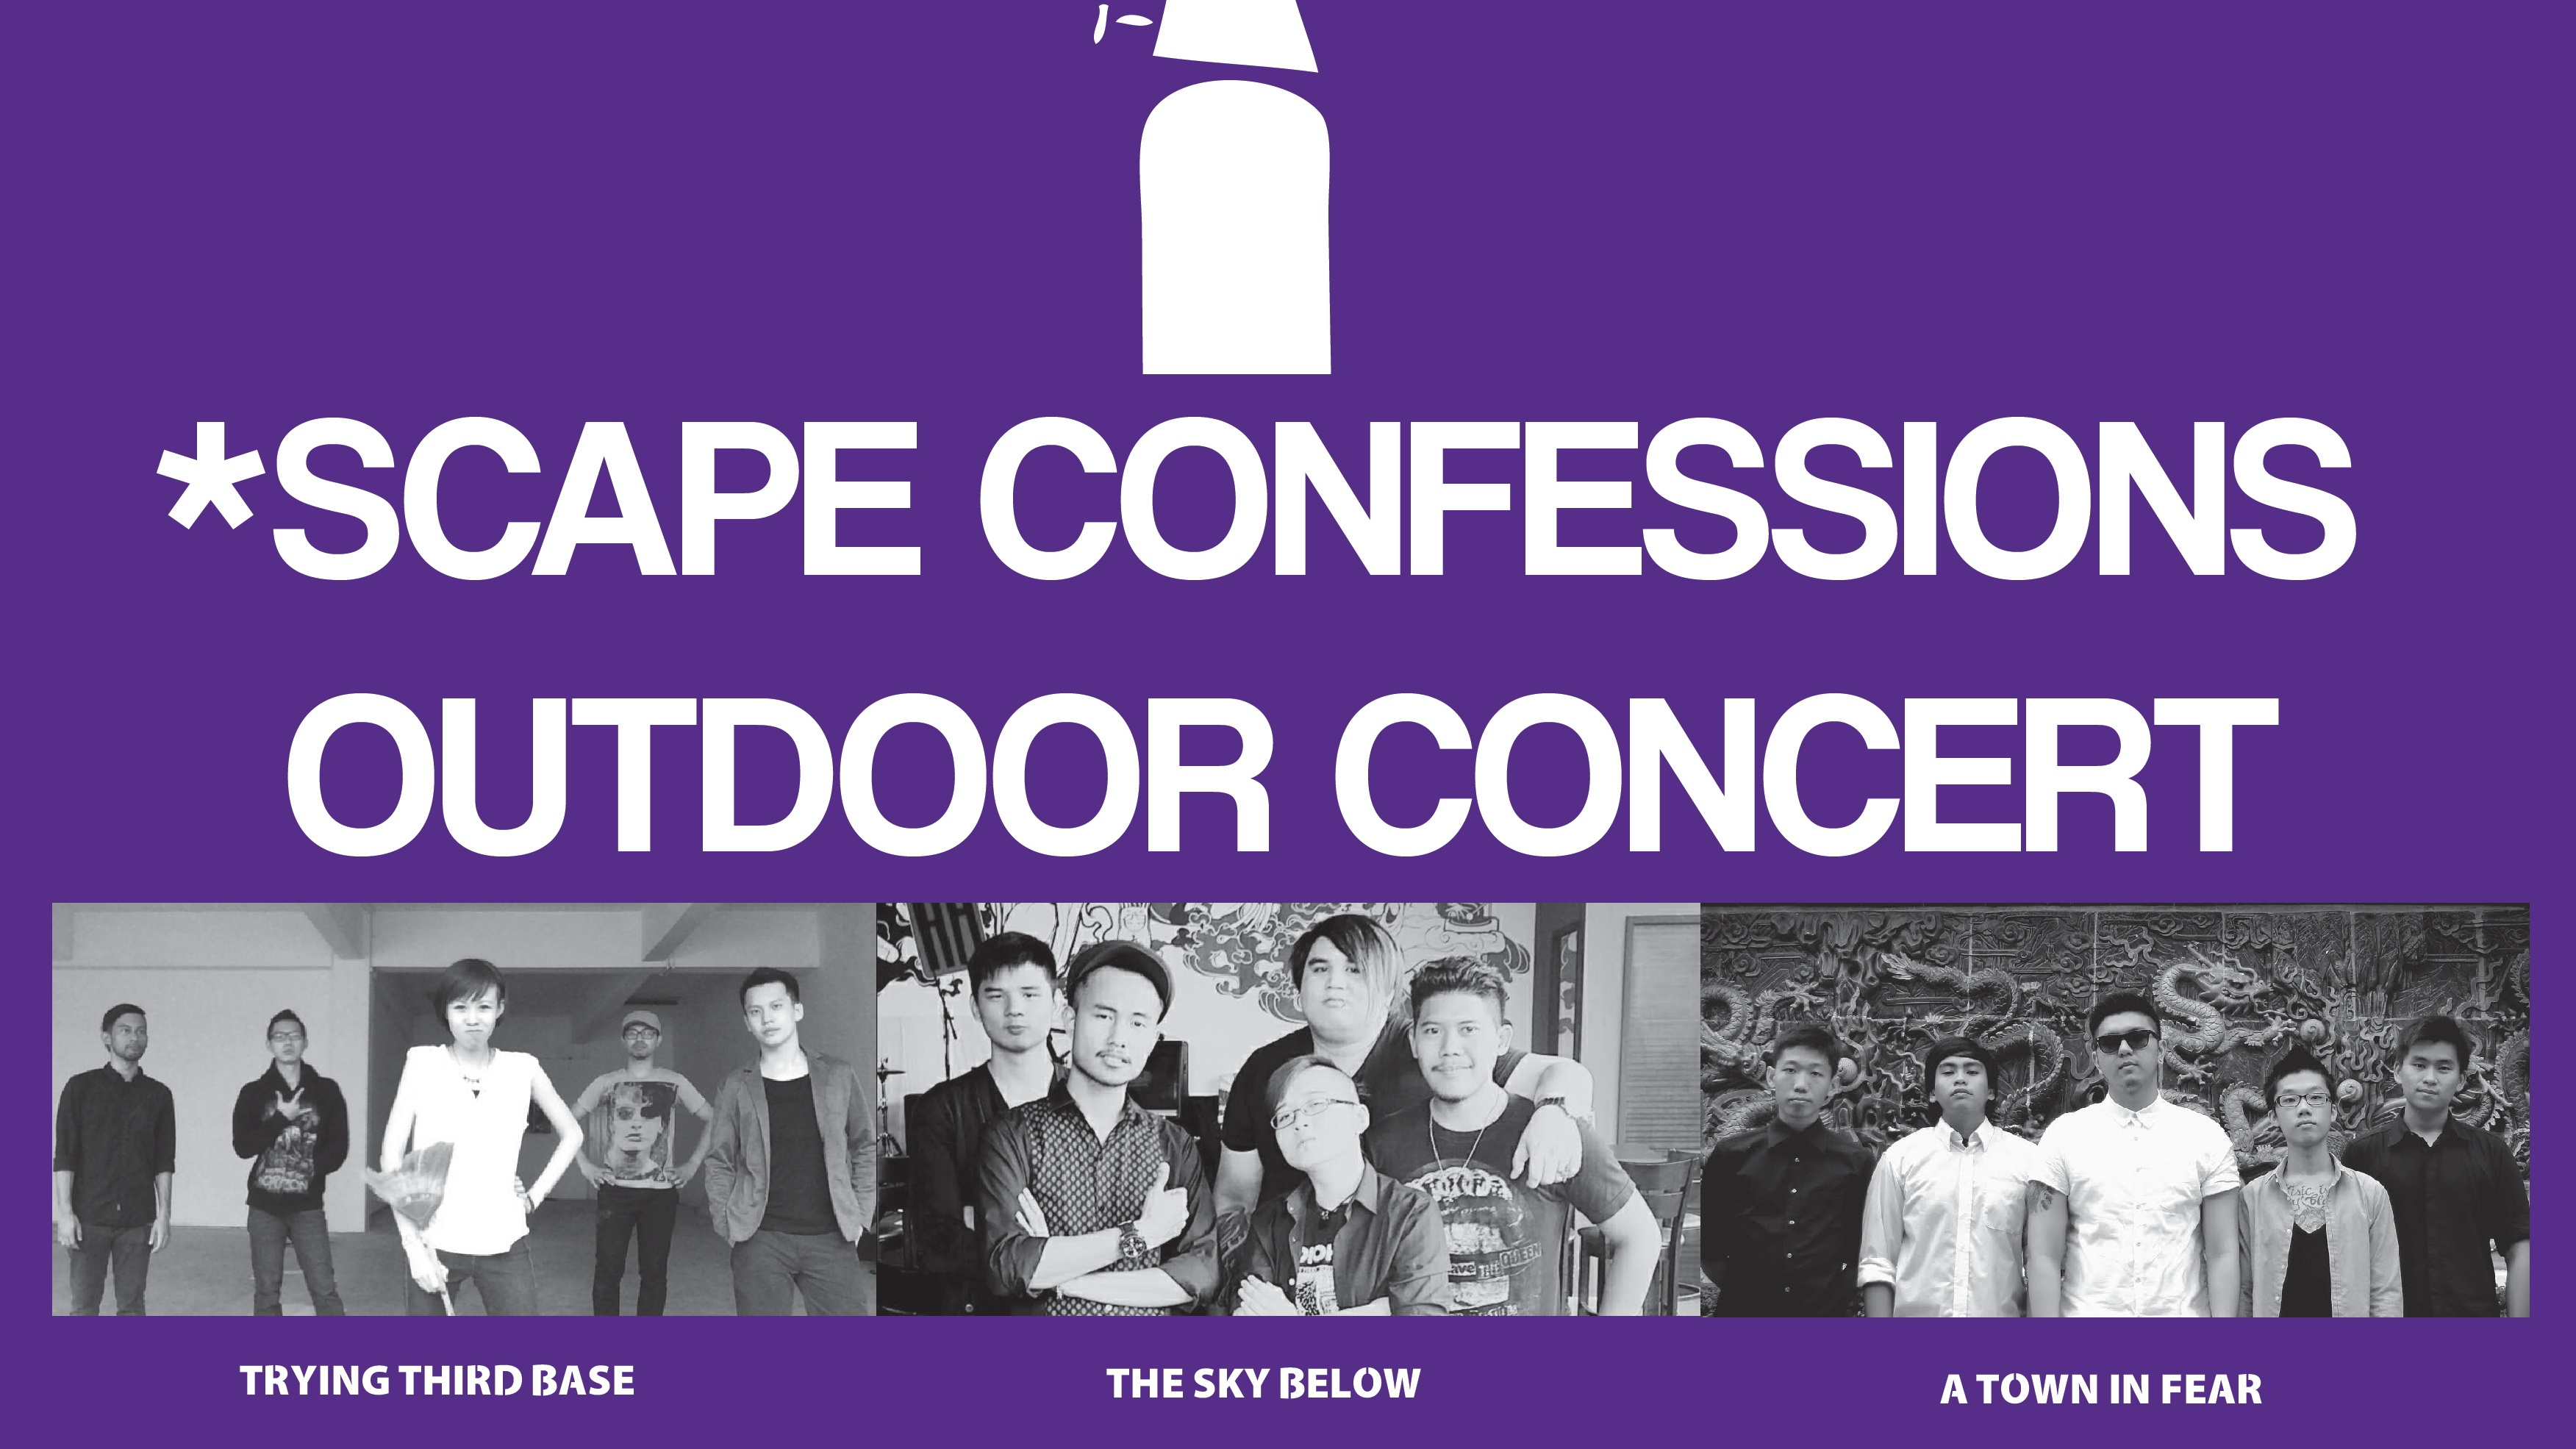 Scape Confessions